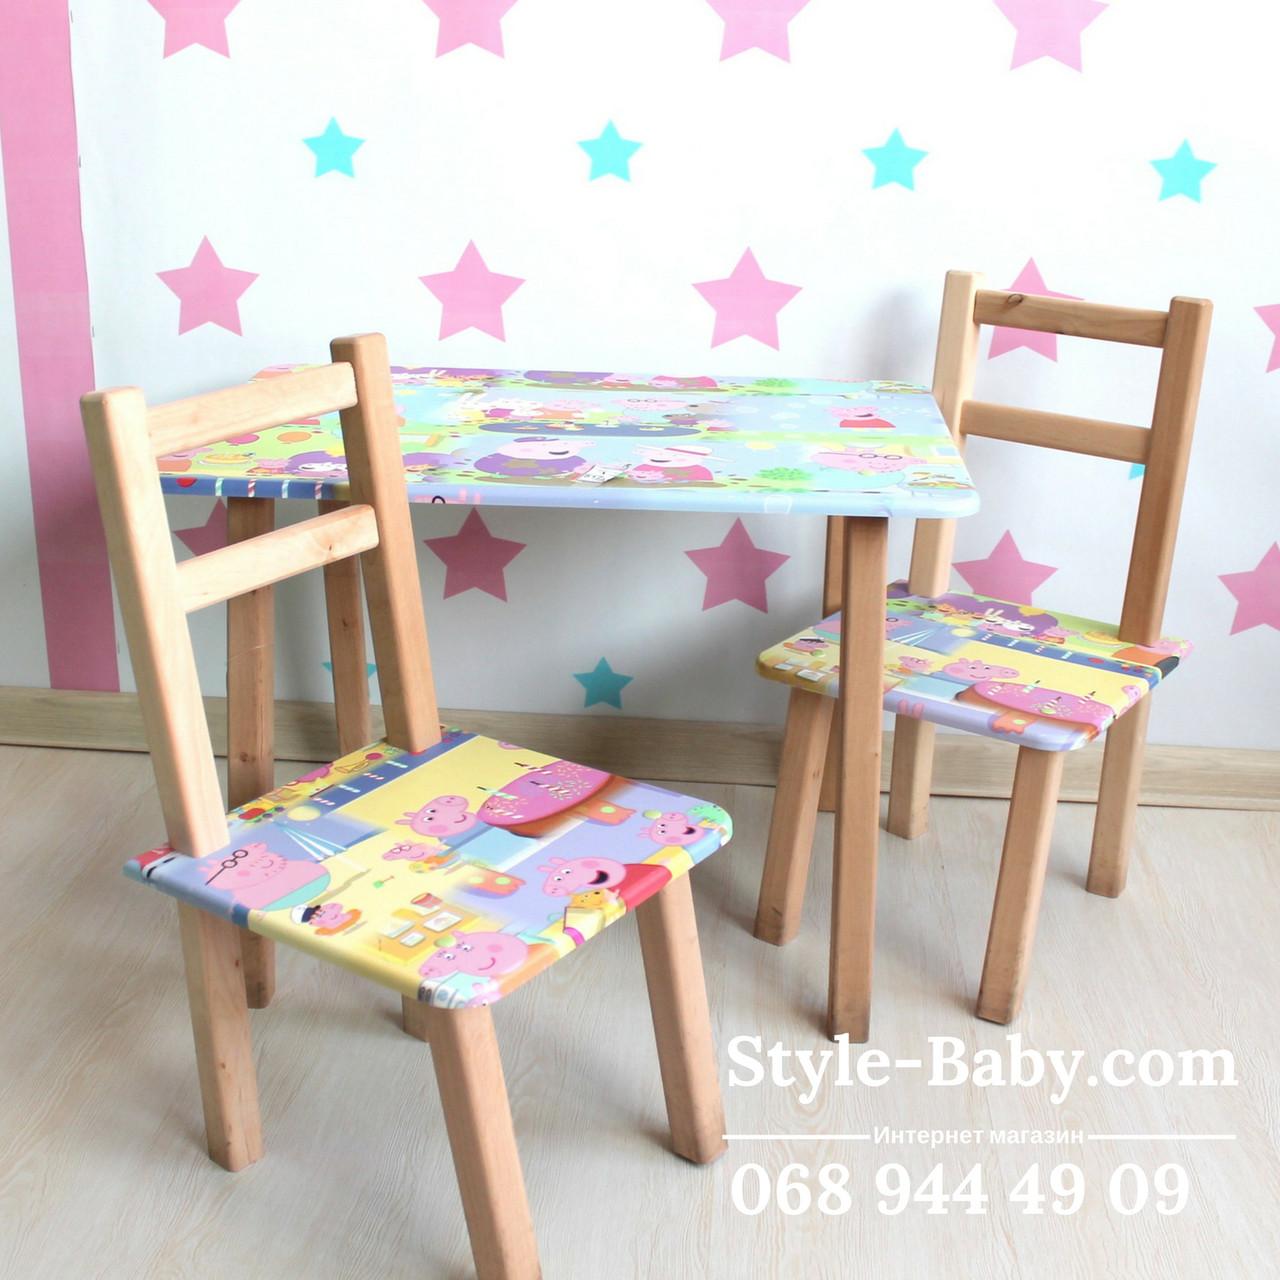 Детский стол и стульчики с Пеппой - Style-Baby детский магазин в Киеве